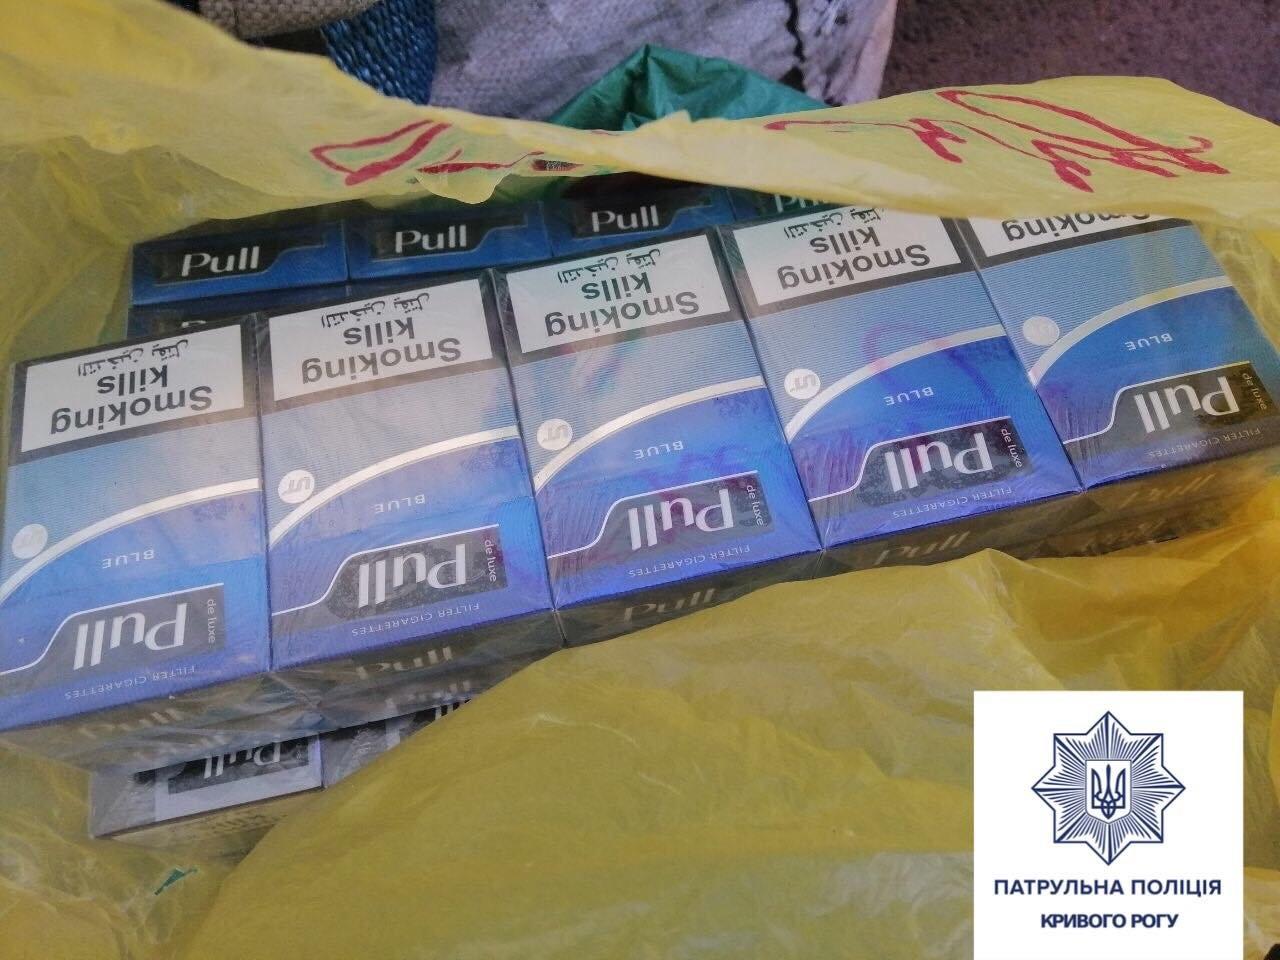 В Кривом Роге конфисковали коробки с контрабандным товаром, - ФОТО, фото-4